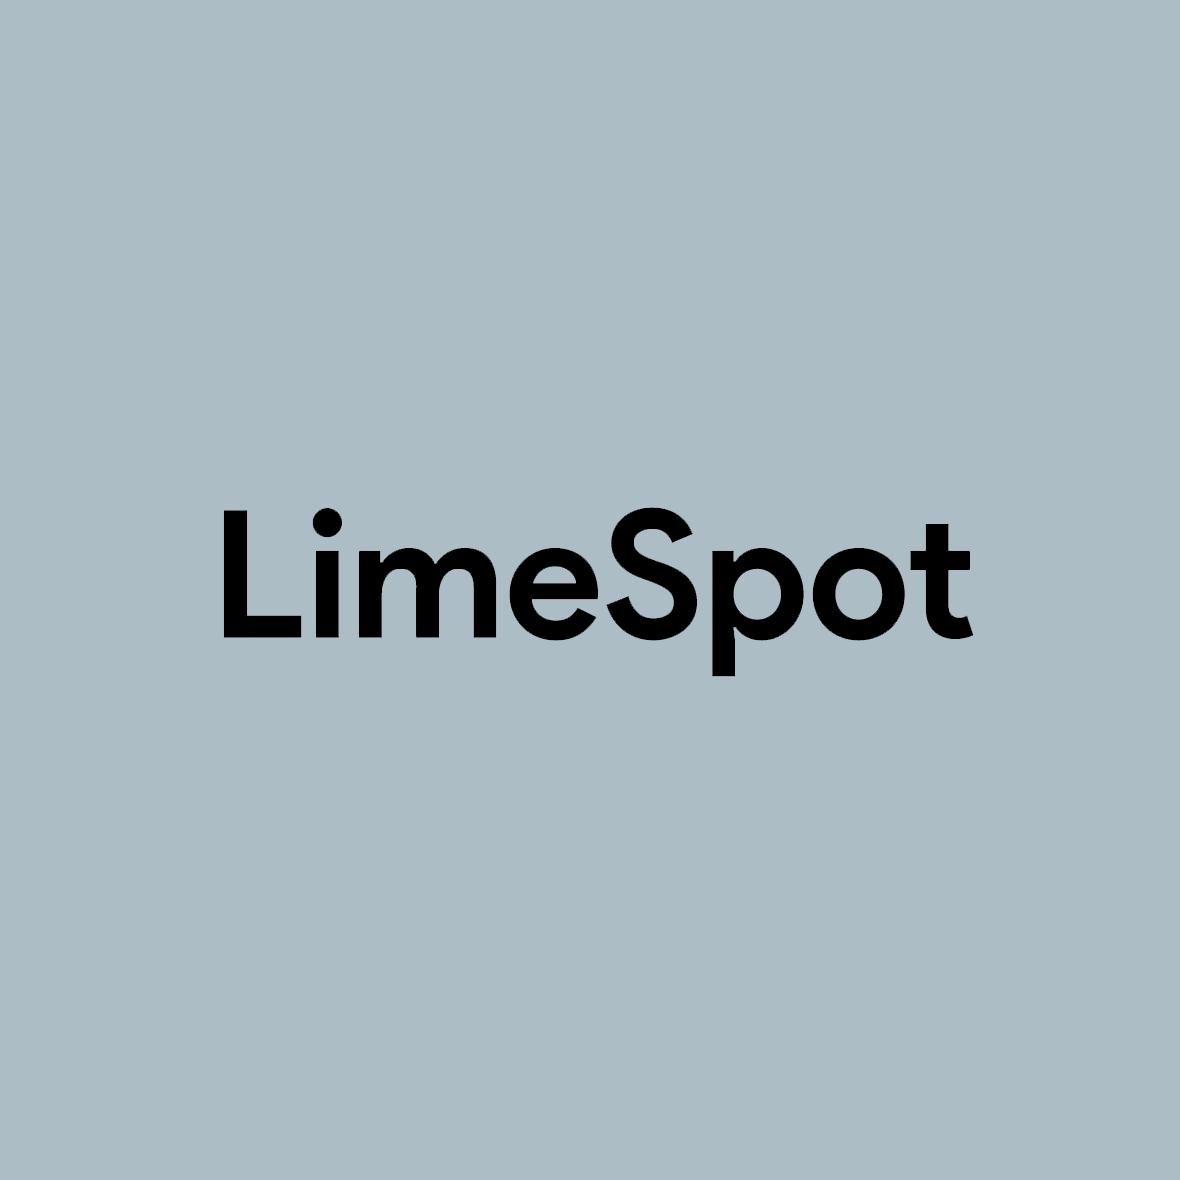 LimeSpot